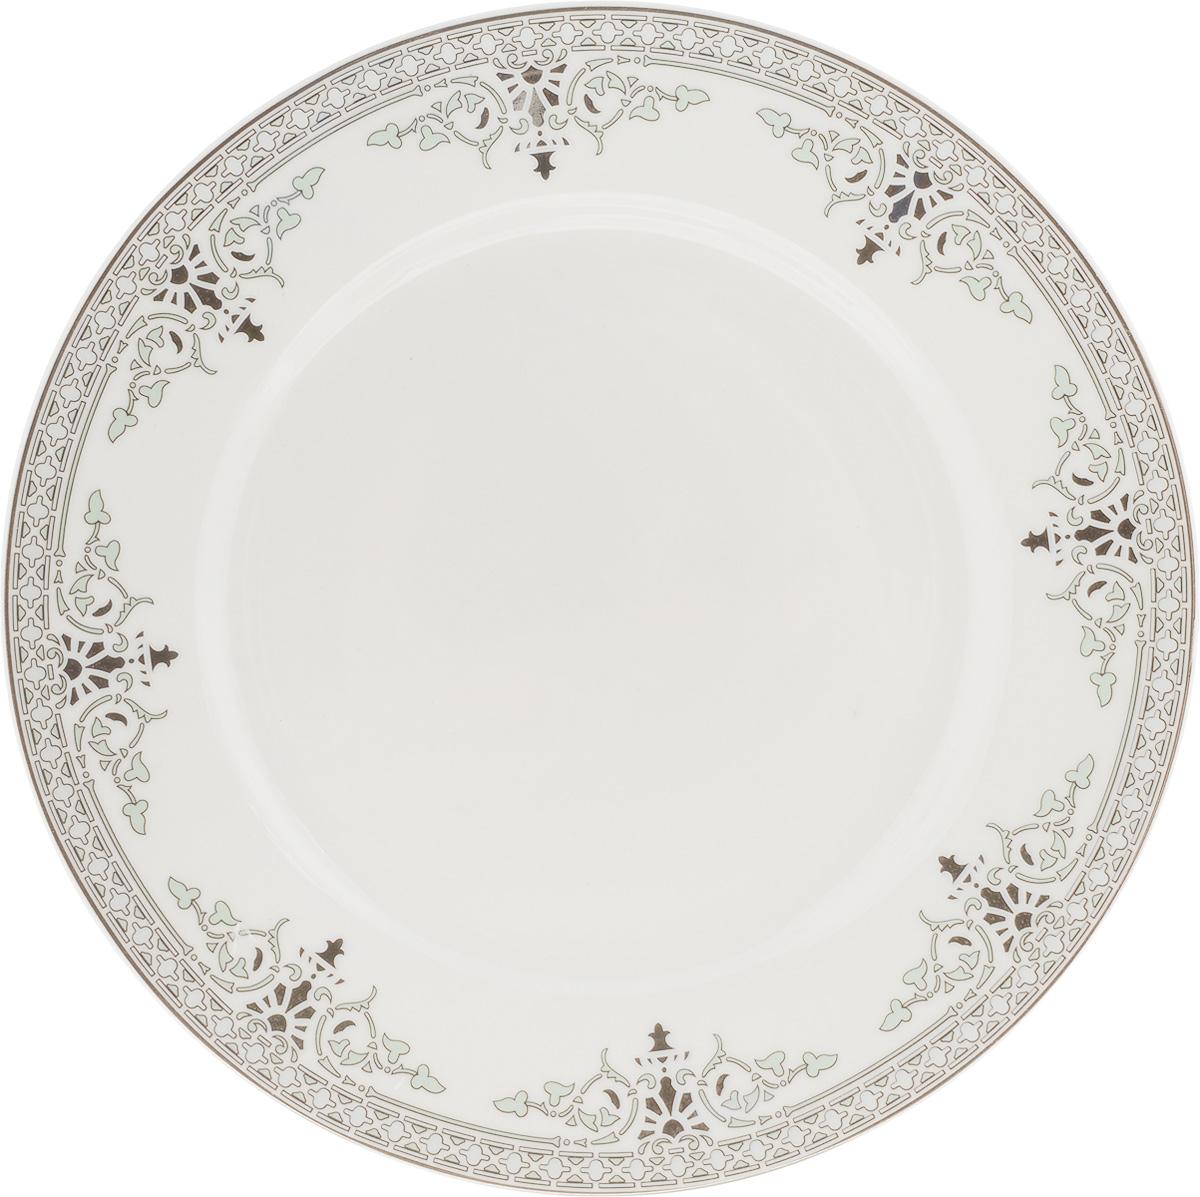 Тарелка десертная Венеция, диаметр 19 см216685Десертная тарелка Венеция изготовлена из глазурованного фарфора. Она предназначена для подачи десертов. Также может использоваться как блюдо для сервировки закусок.Изящная тарелка прекрасно оформит стол и порадует ваших гостей изысканным дизайном и формой. Диаметр тарелки: 19 см.